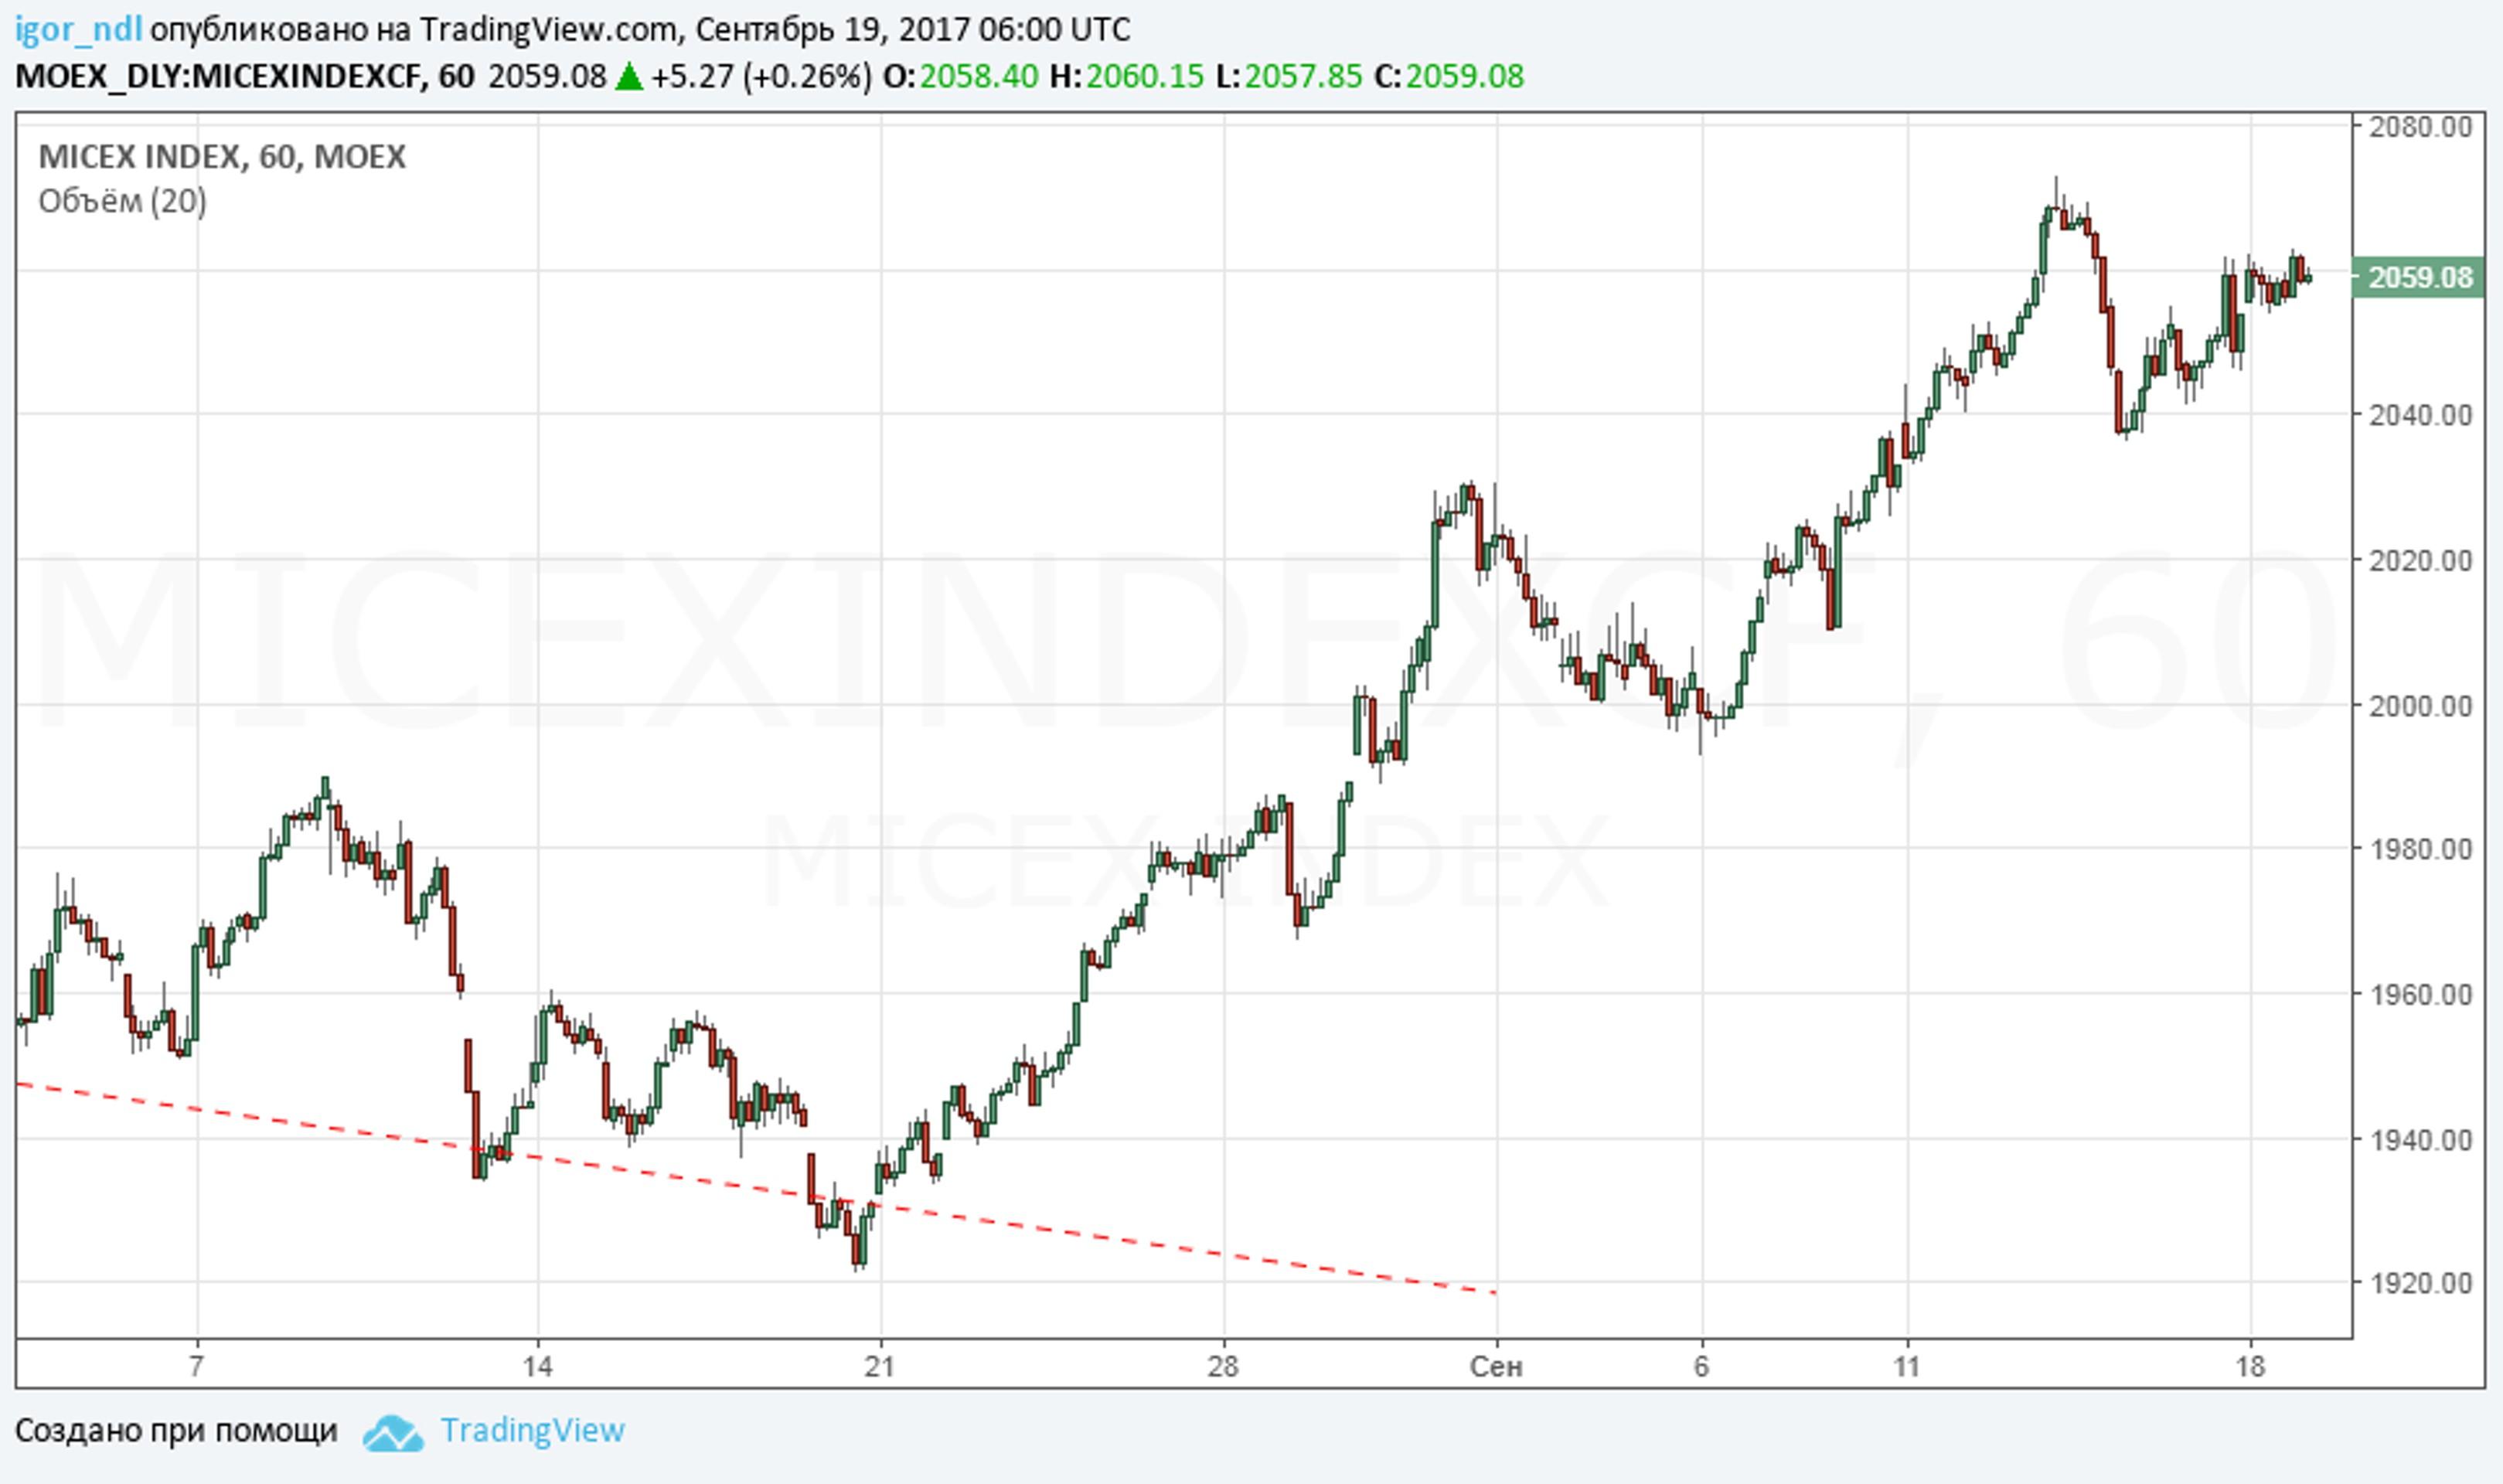 Рубль взял паузу, но продолжит укрепляться